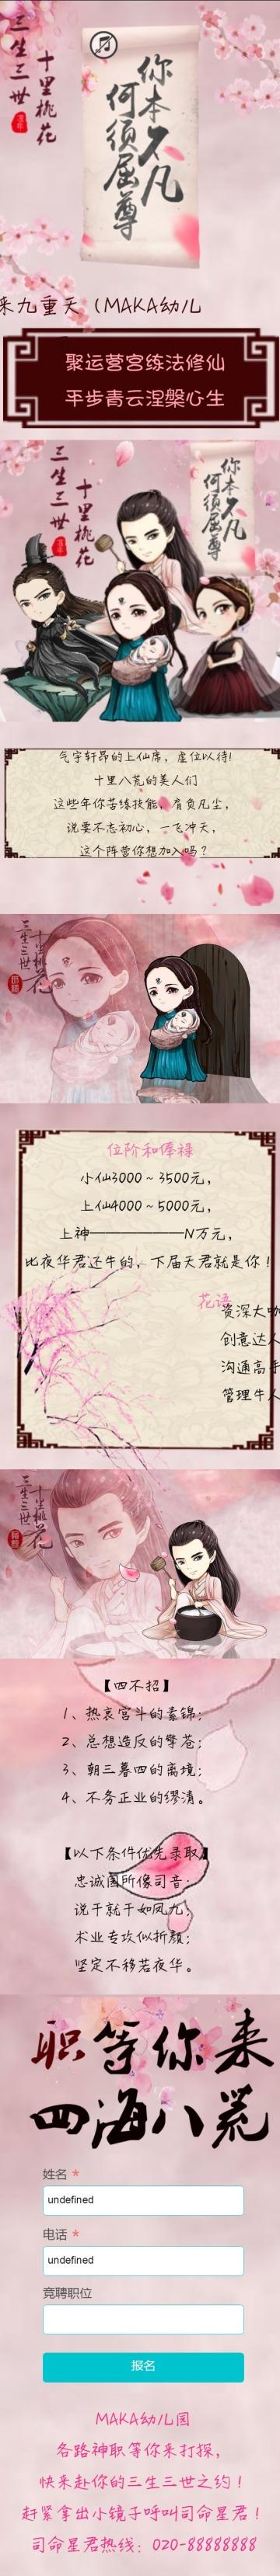 扁平简约玫红互联网企业社会招聘介绍推广单页